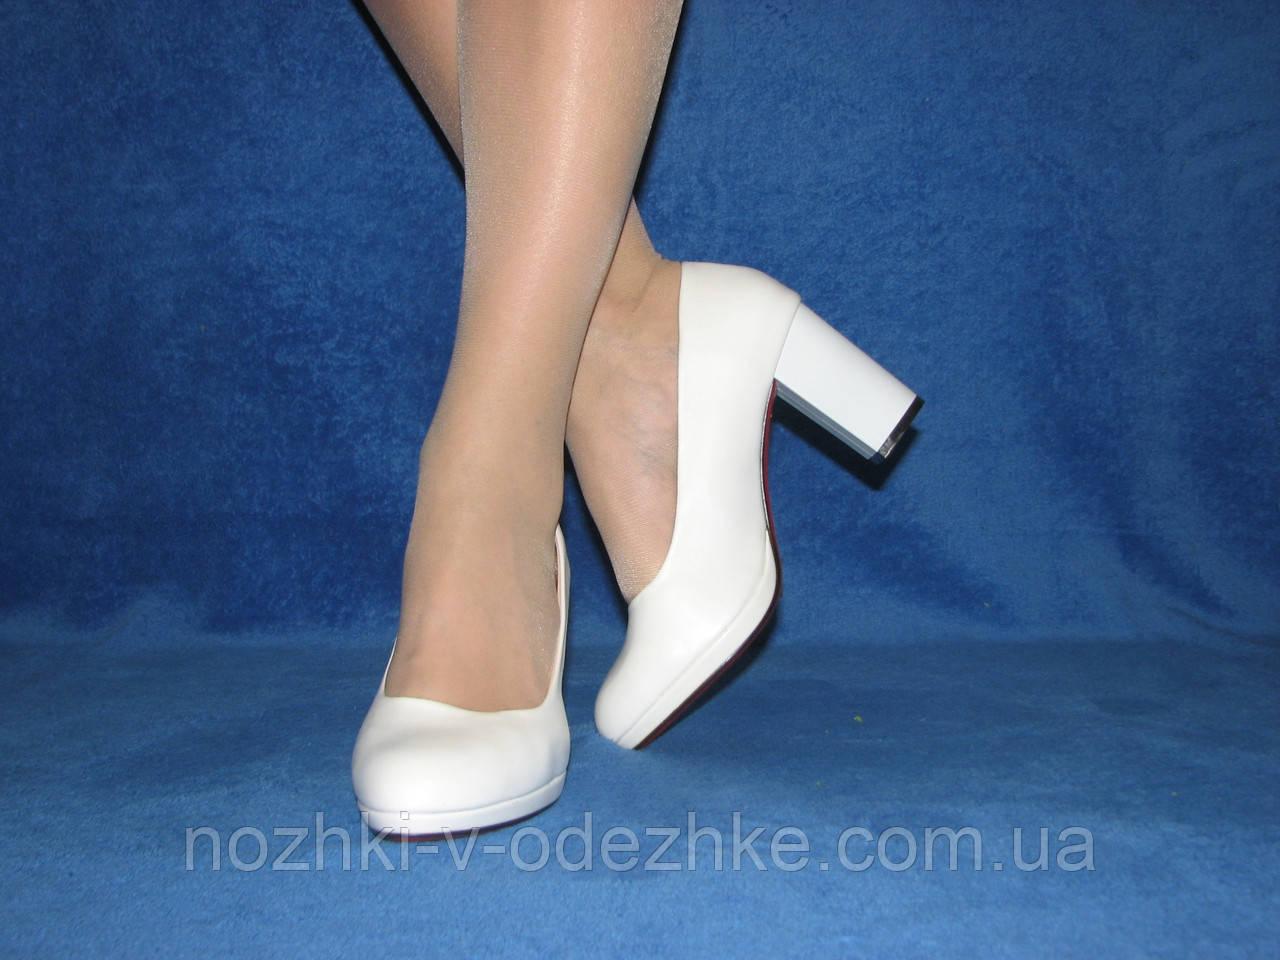 688b53123 Белые матовые туфли на высоком каблуке 38 24,5 см - Интернет магазин